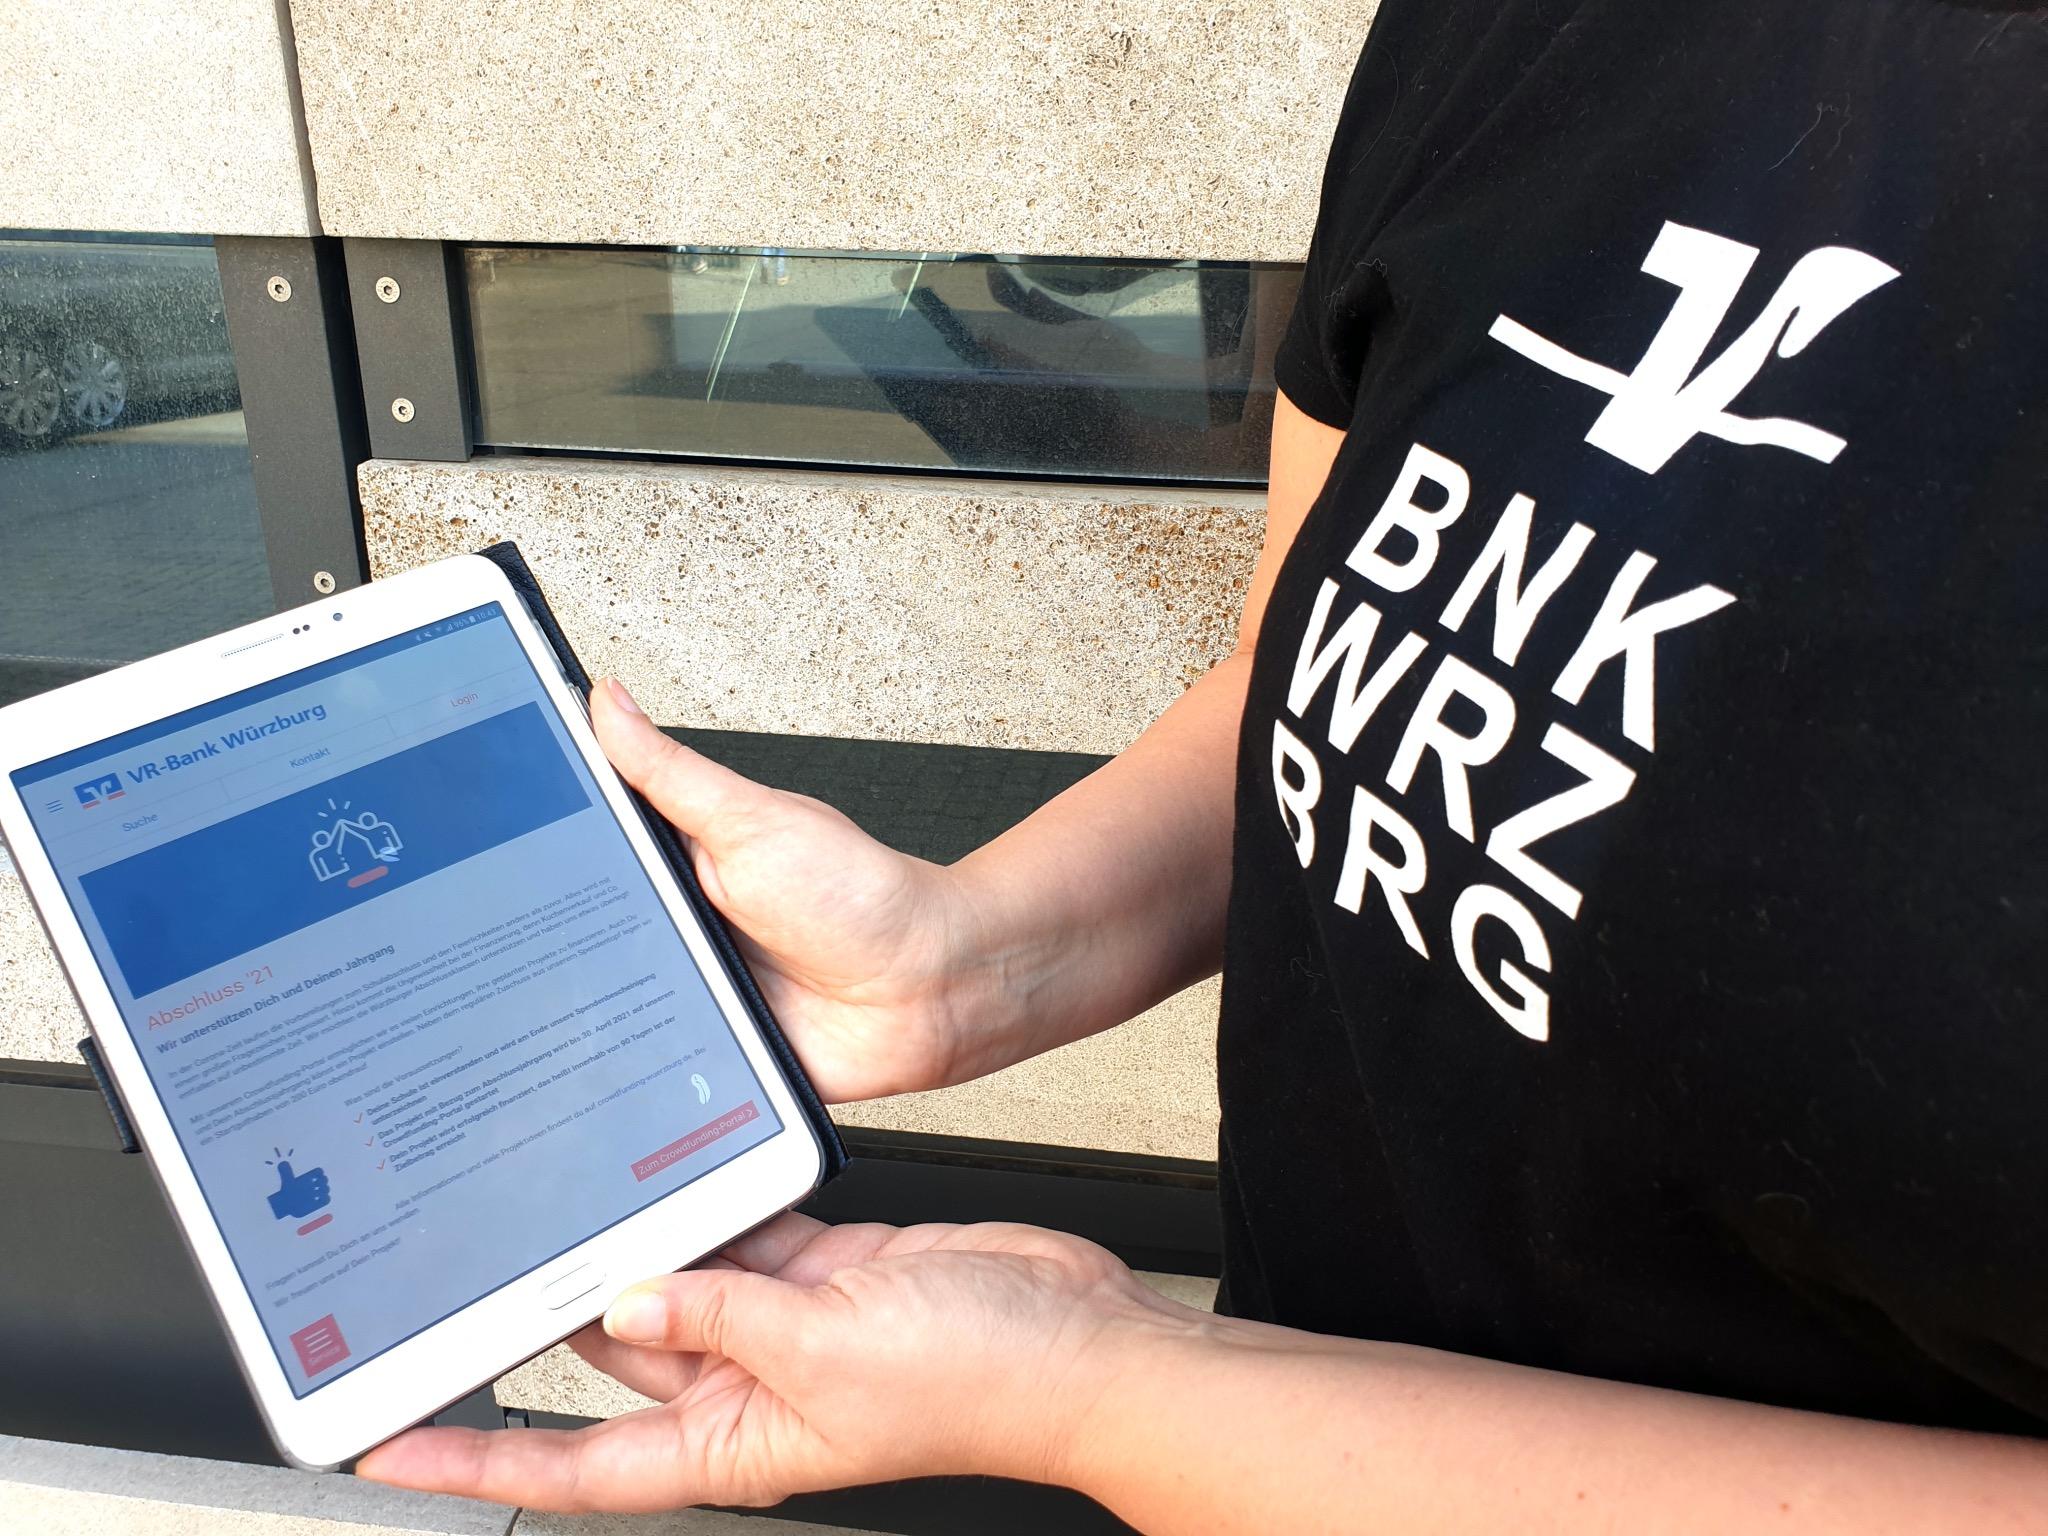 Das Crowdfunding-Portal der VR-Bank Würzburg steht 2021 auch Abschlussklassen zur Verfügung. Foto: VR-Bank Würzburg